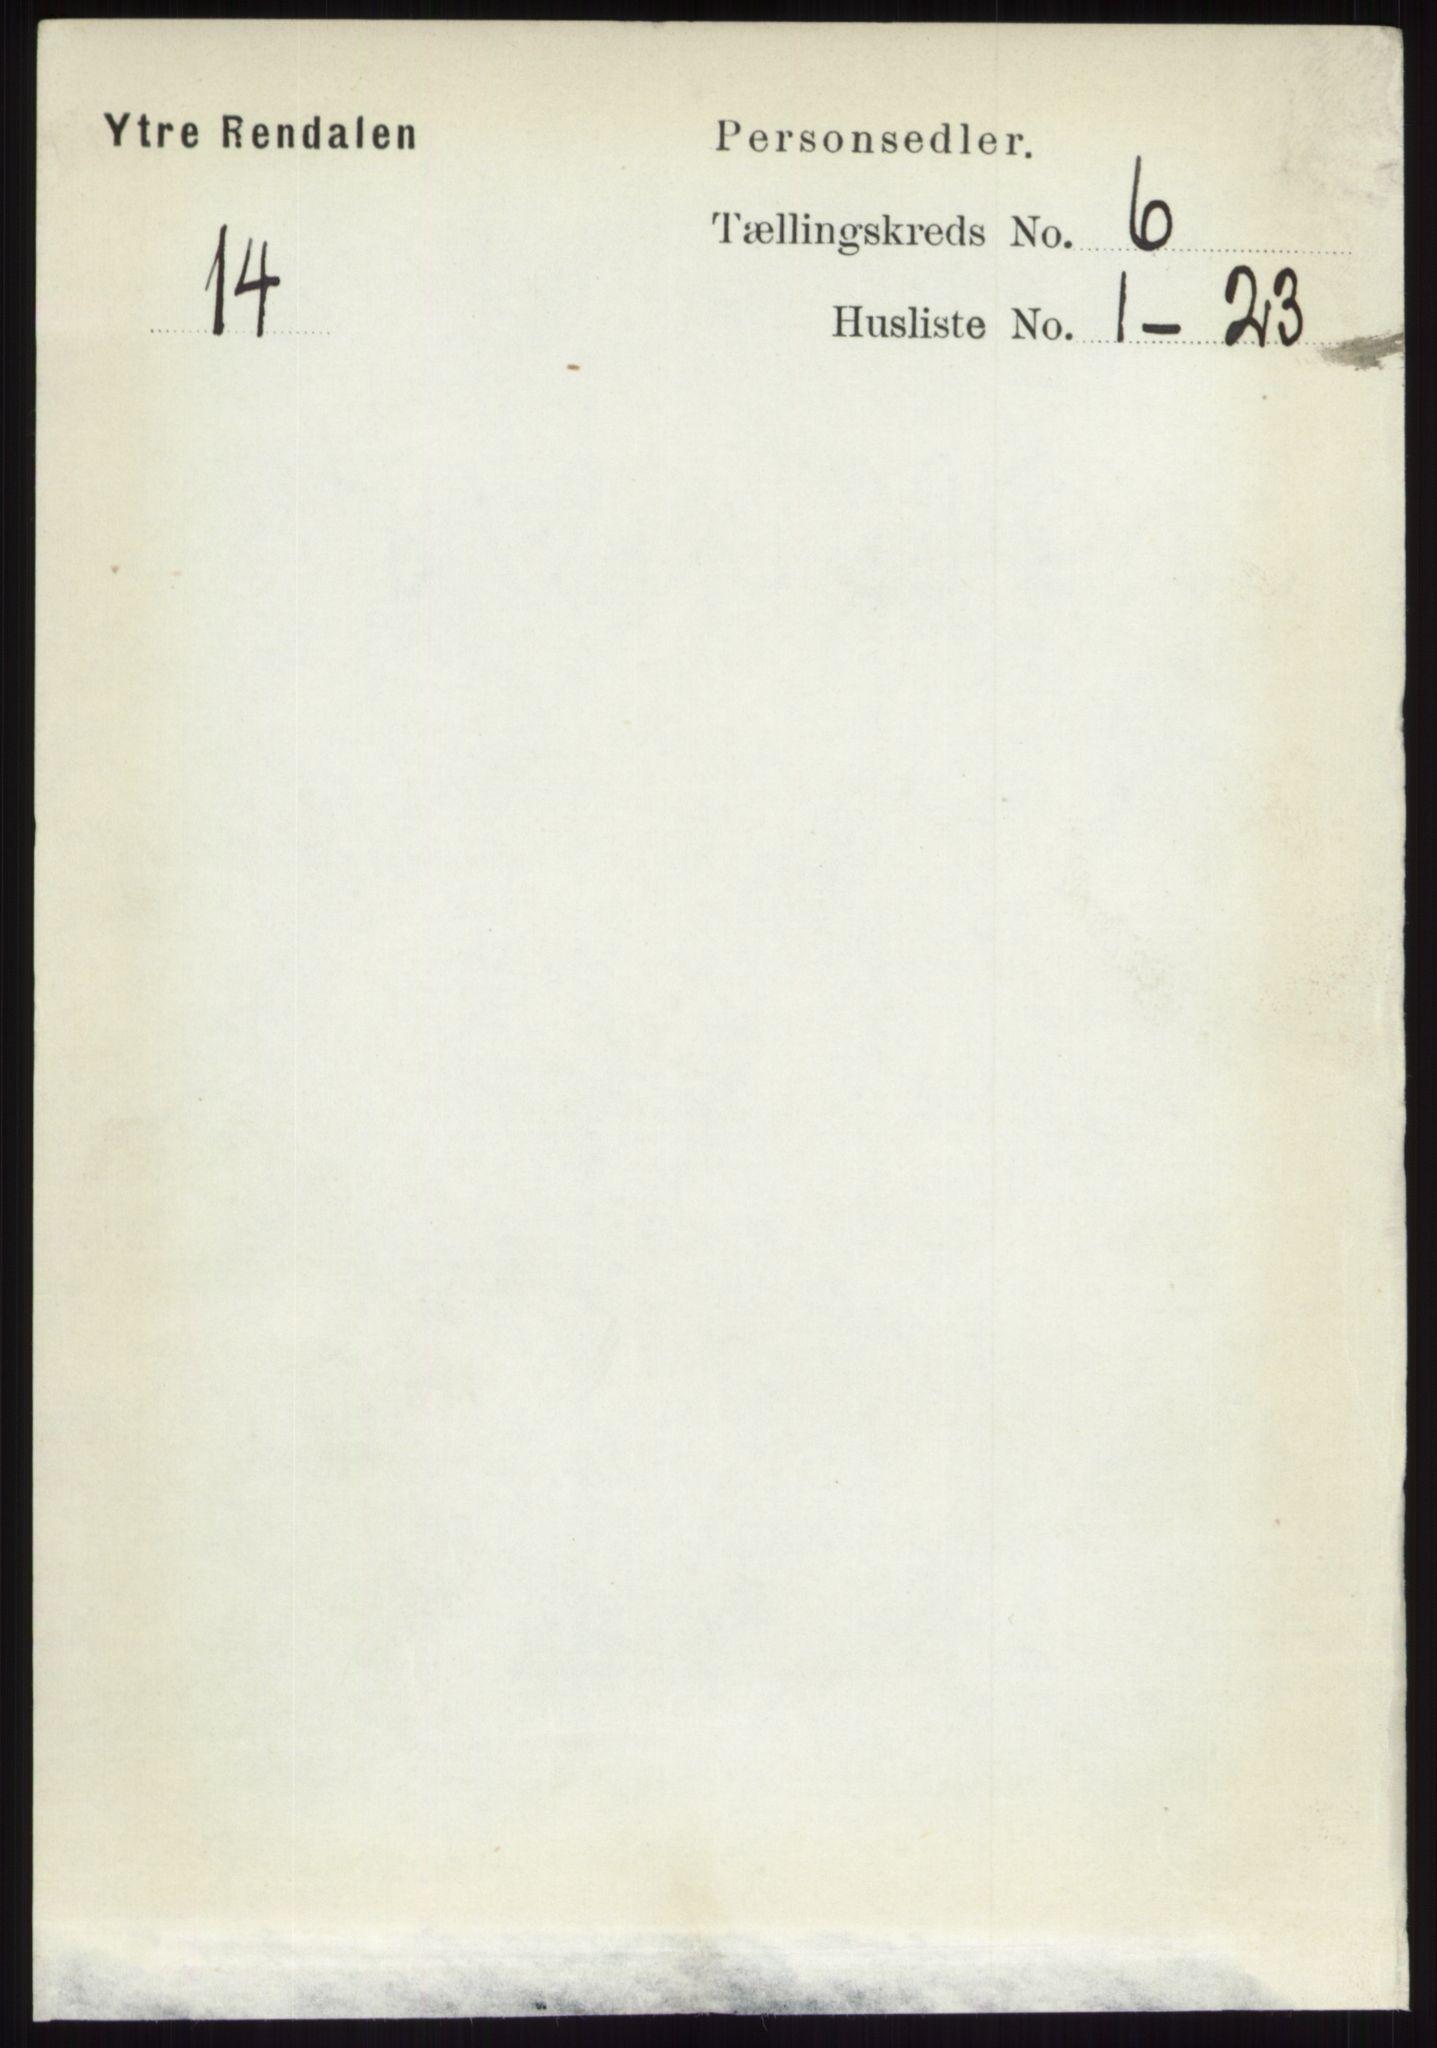 RA, Folketelling 1891 for 0432 Ytre Rendal herred, 1891, s. 1677